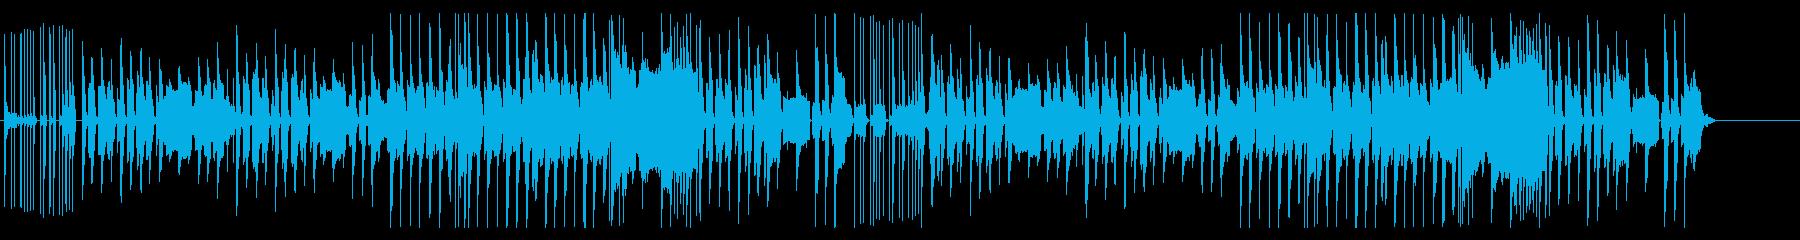 かわいい楽しいほのぼの系BGMの再生済みの波形